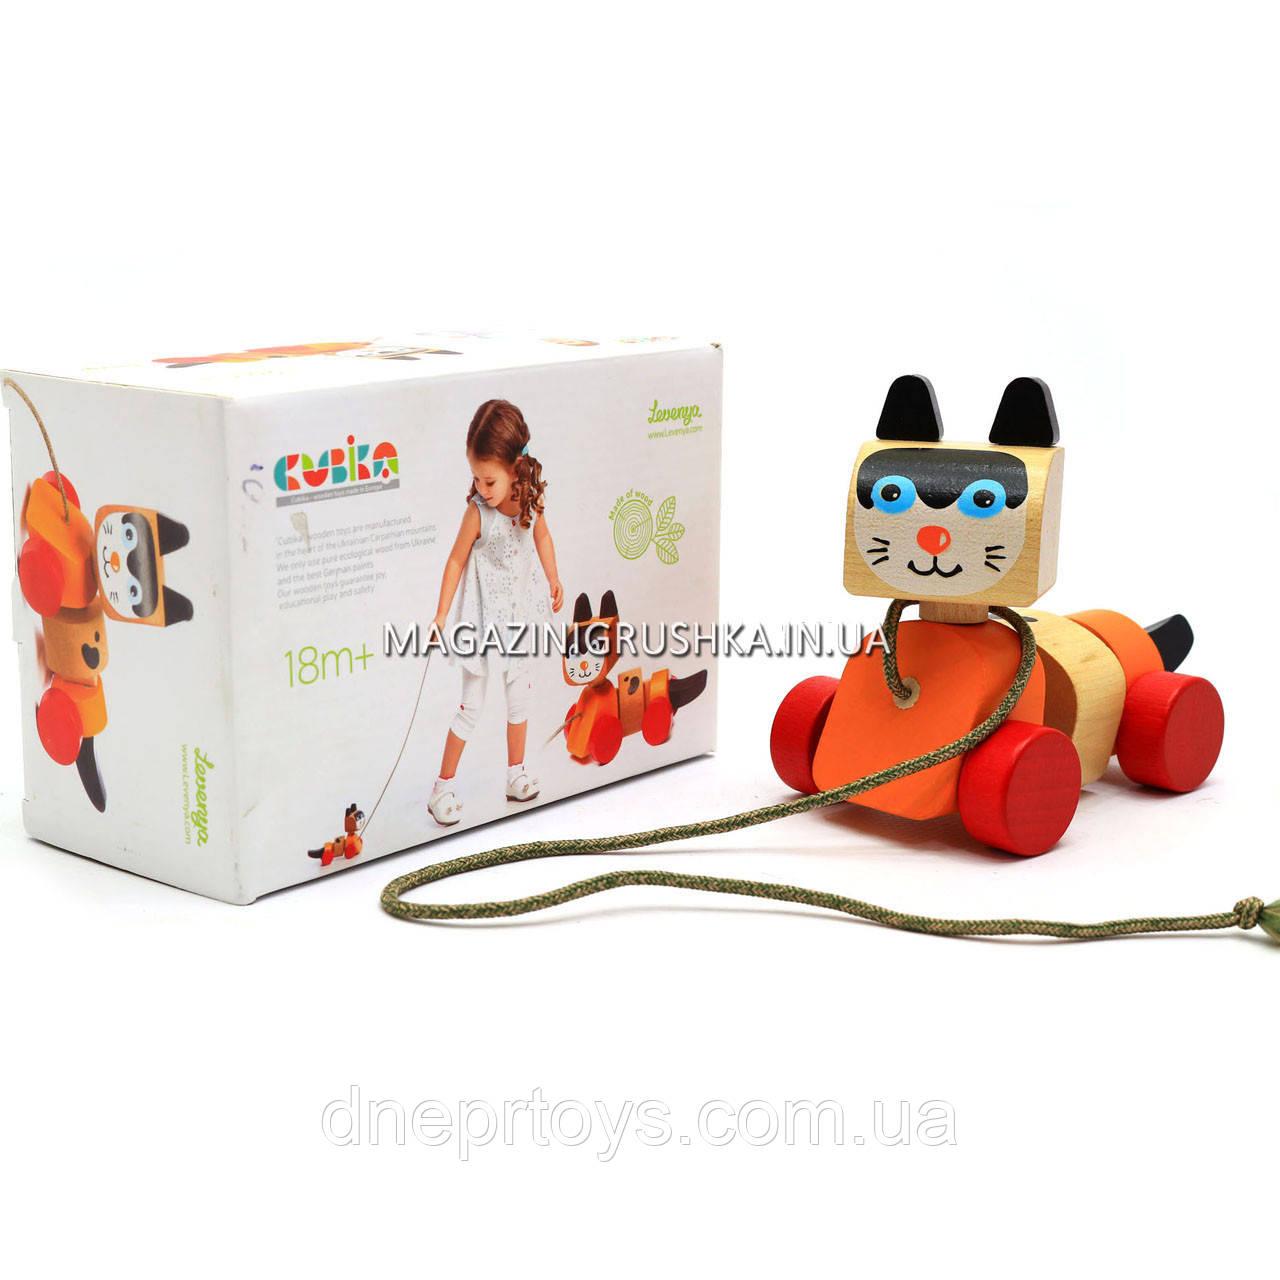 Детская деревянная каталка котик-каталка LK-5 Cubika (Кубика) 13616. Деревянные эко игрушки